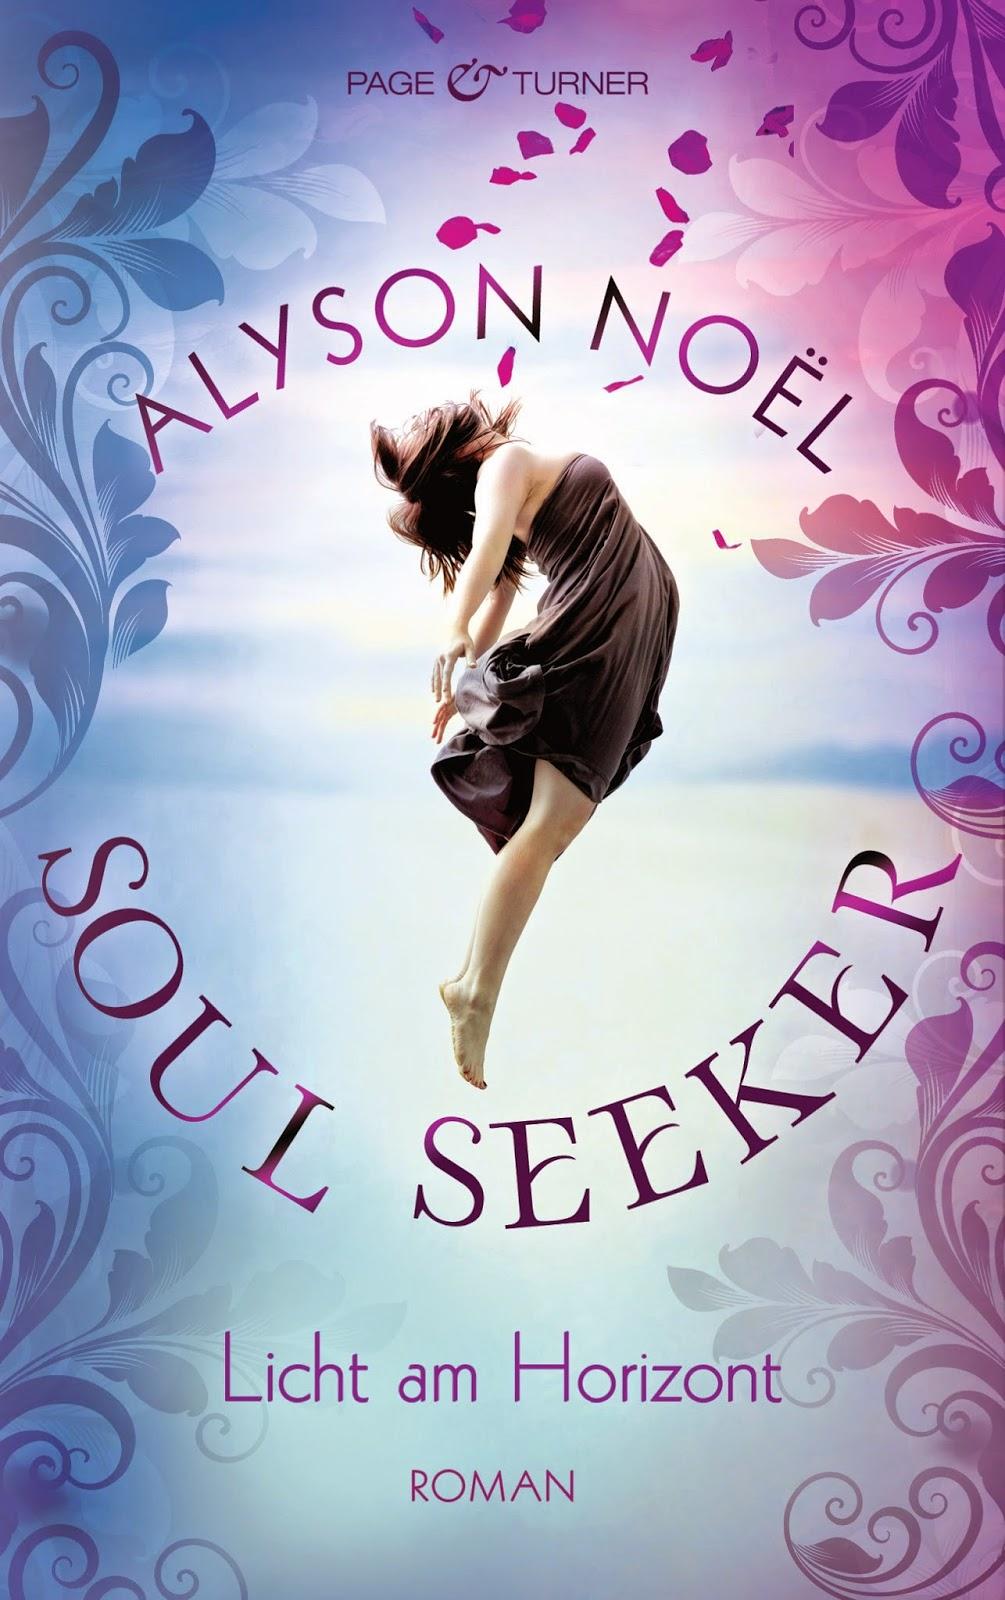 http://manjasbuchregal.blogspot.de/2014/09/gelesen-licht-am-horizont-soul-seeker-4.html